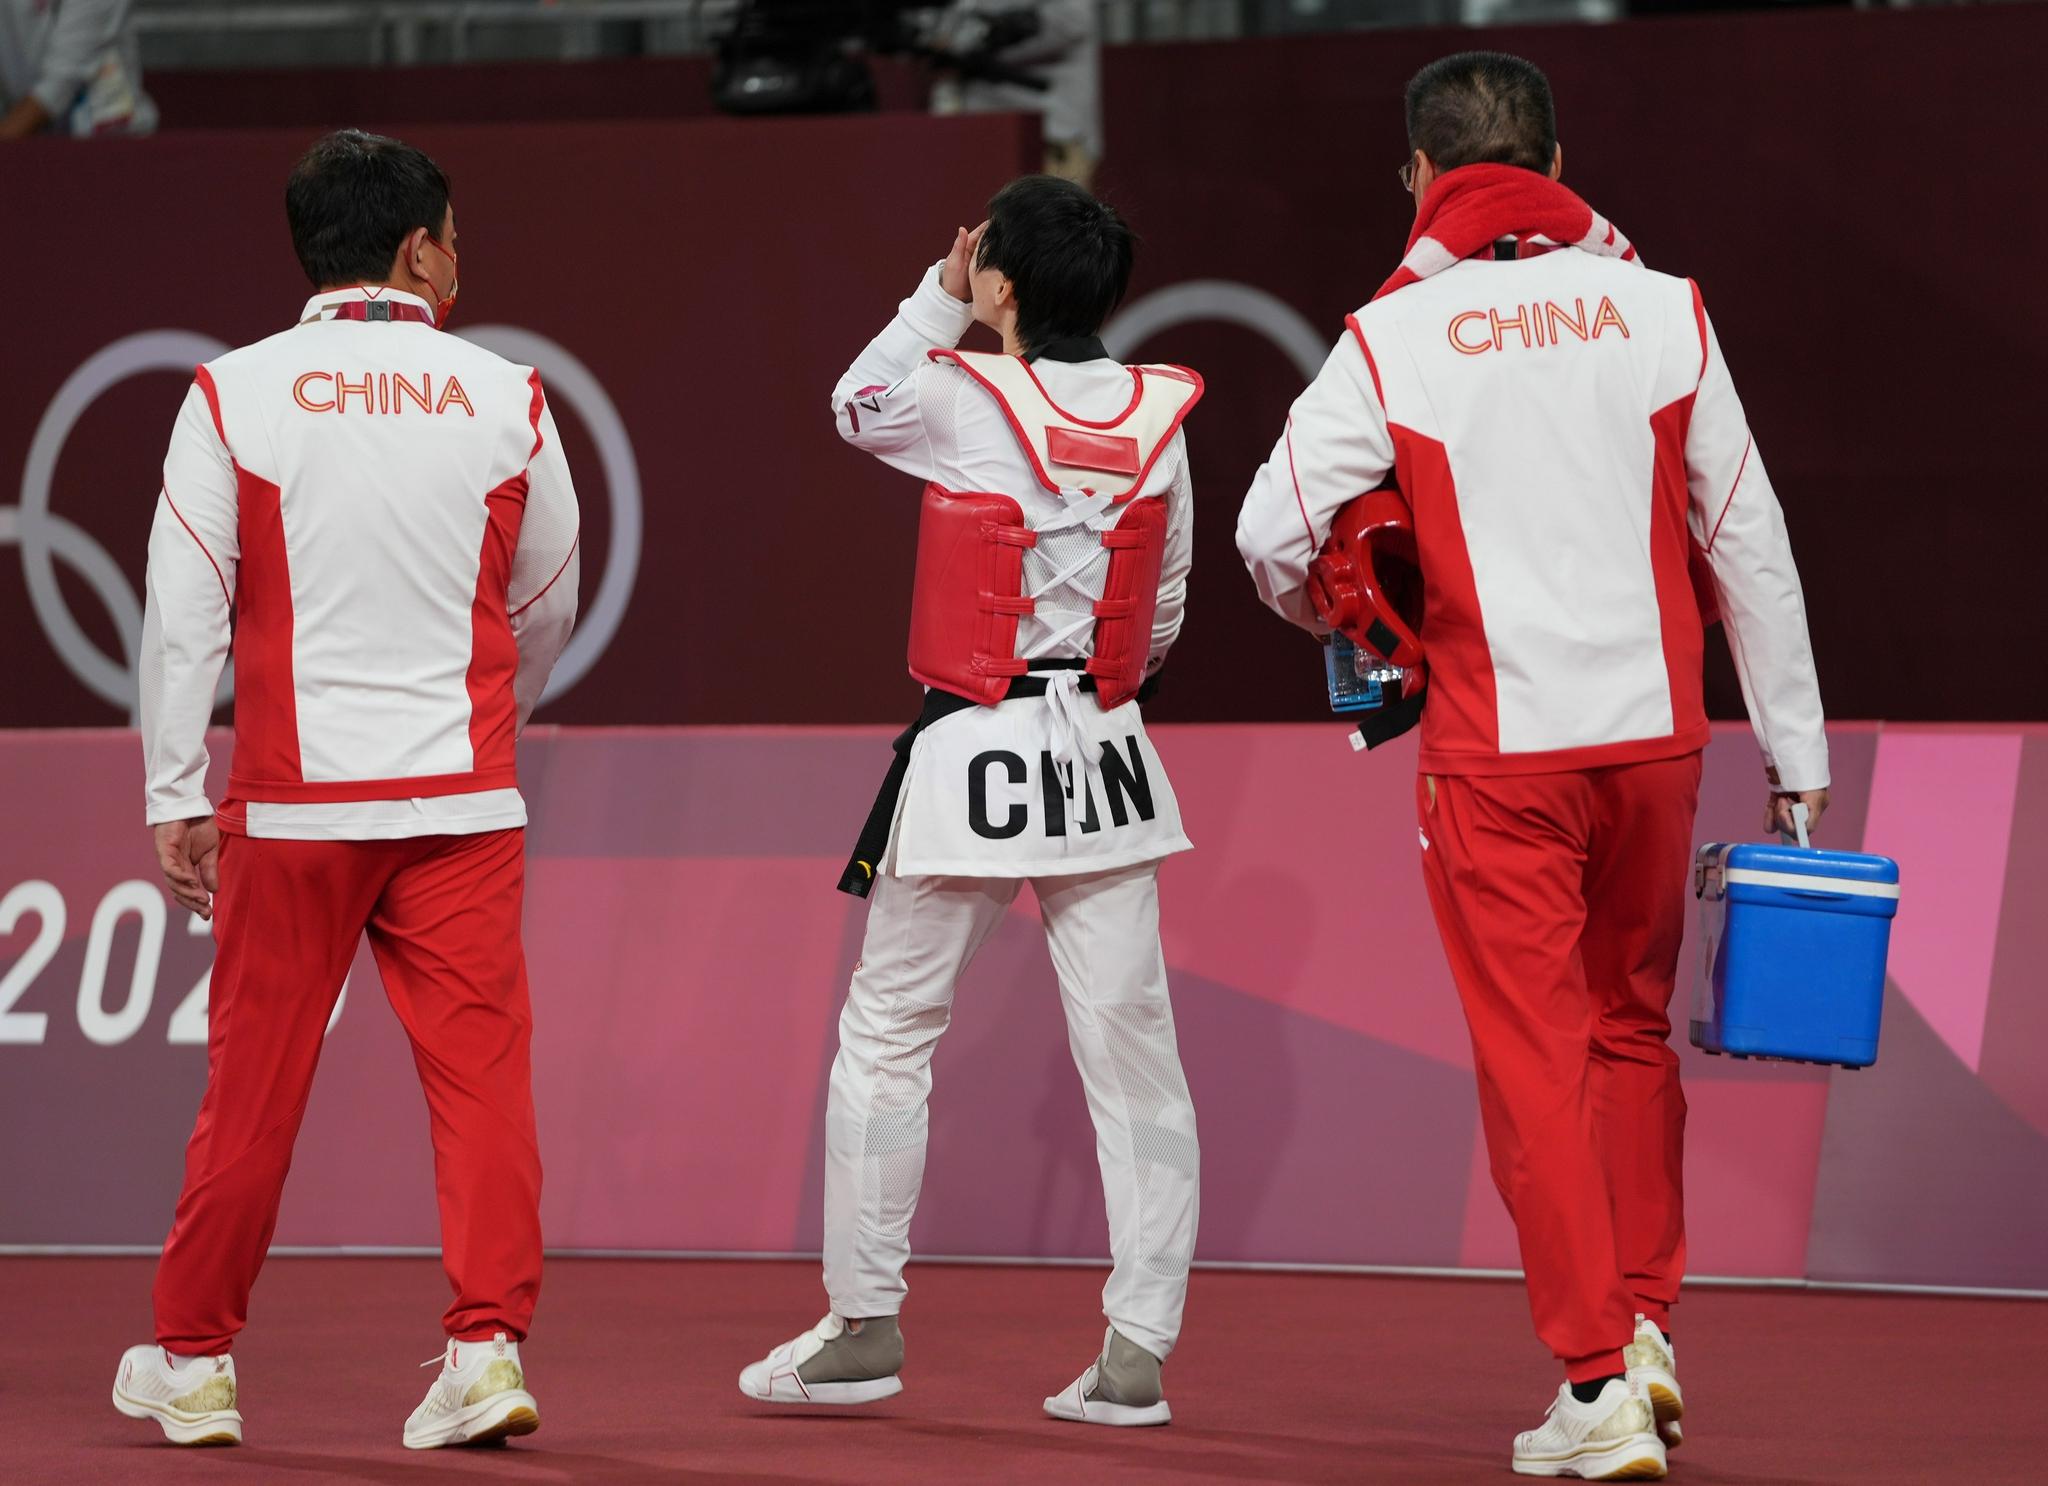 东京奥运会|站上奥运赛场就是英雄 他们同样应该获得掌声